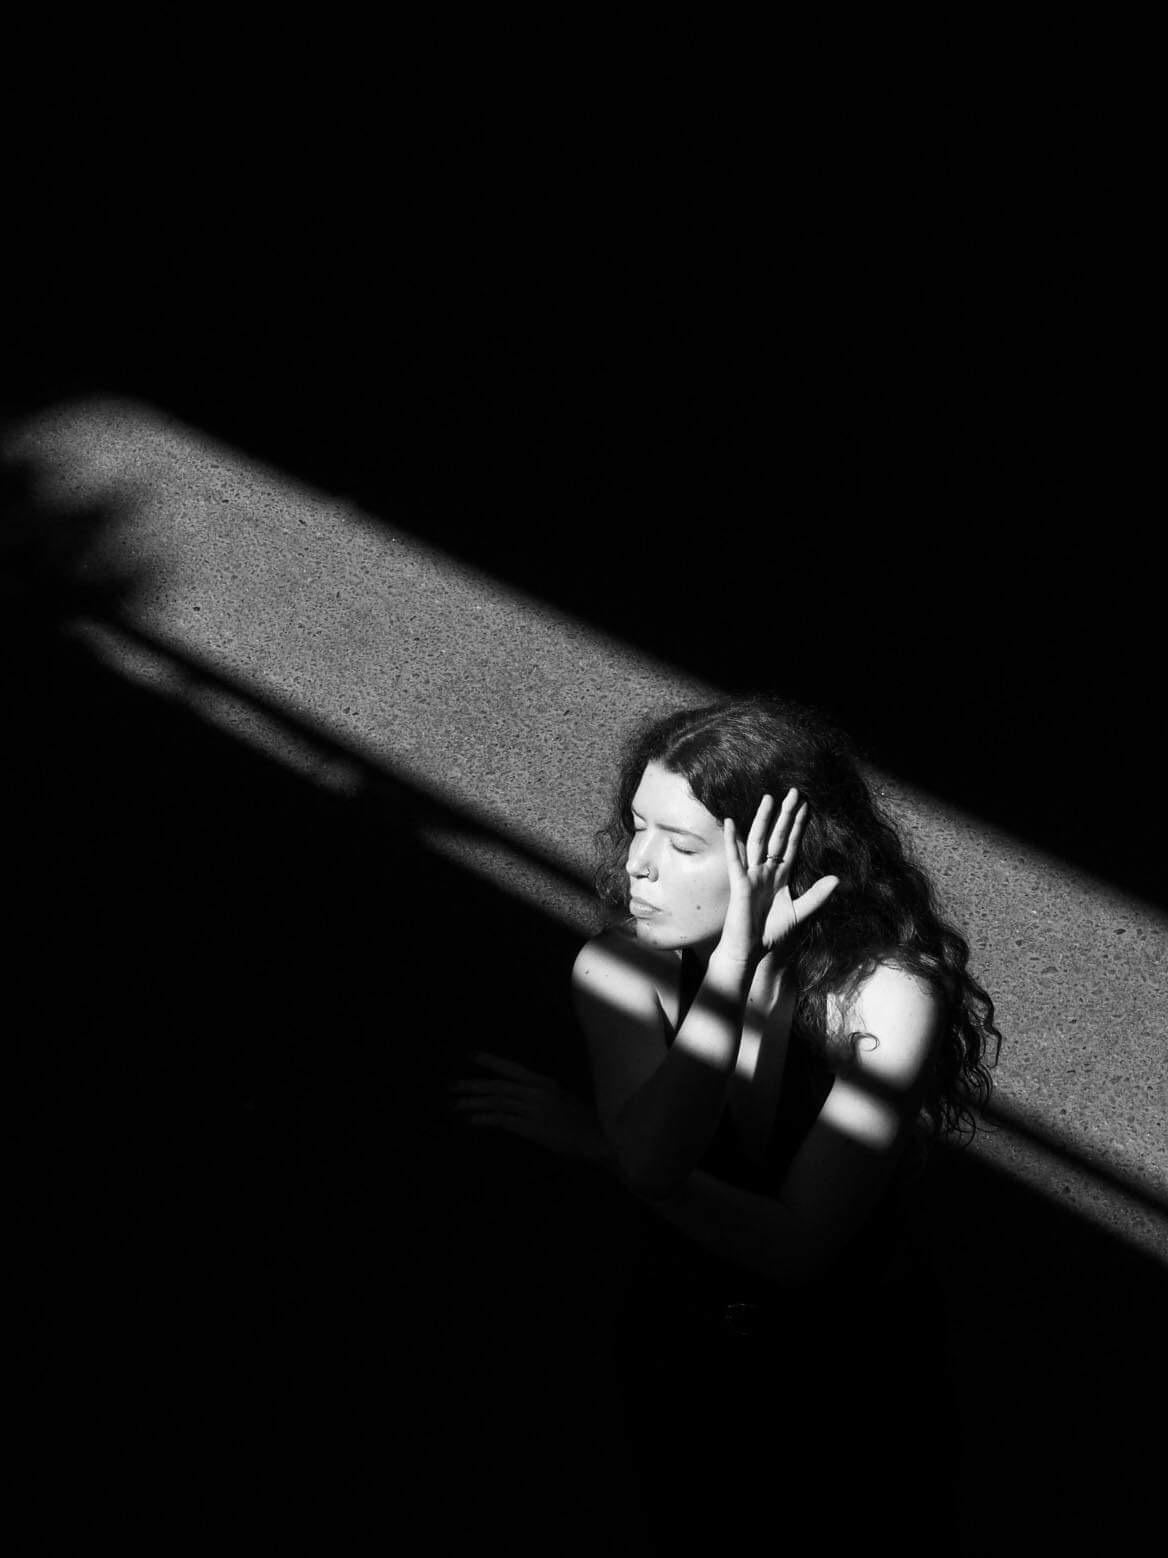 Nainen varjossa, valo heijastuu vain kasvoihin. Hänen silmänsä ovat kiinni ja hän on kääntänyt kasvonsa vasempaan, käsi kasvojen vieressä.